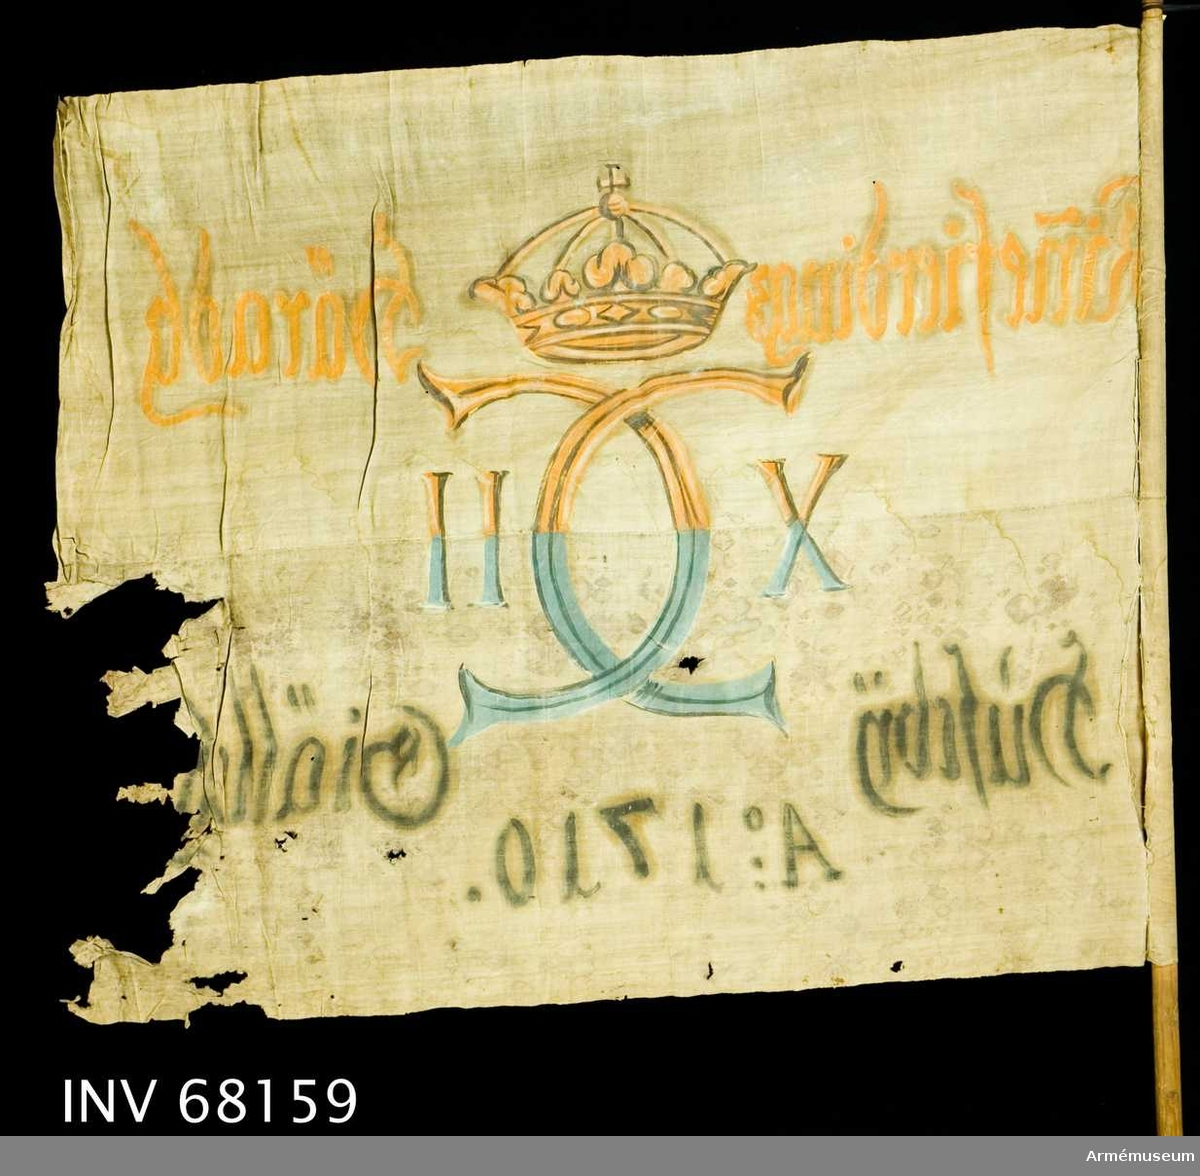 Duk: Tillverkad av enkel vit linnelärft, sydd av två horisontella våder. Duken fastsydd runt stången.  Dekor: Målad, endast på dukens insida i mitten, Karl XII:s namnchiffer, dubbelt C med på ömse sidor X-II, krönt med sluten krona. I den övre våden i gult och brunt, i den nedre våden i blått och svart. Text på ömse sidor om chiffret, upptill i gult och nedtill i svart. Under chiffret text i svart.  Stång: Tillverkad av trä. Har både holk och spets. Spetsen i form av ett hjärtformat blad.